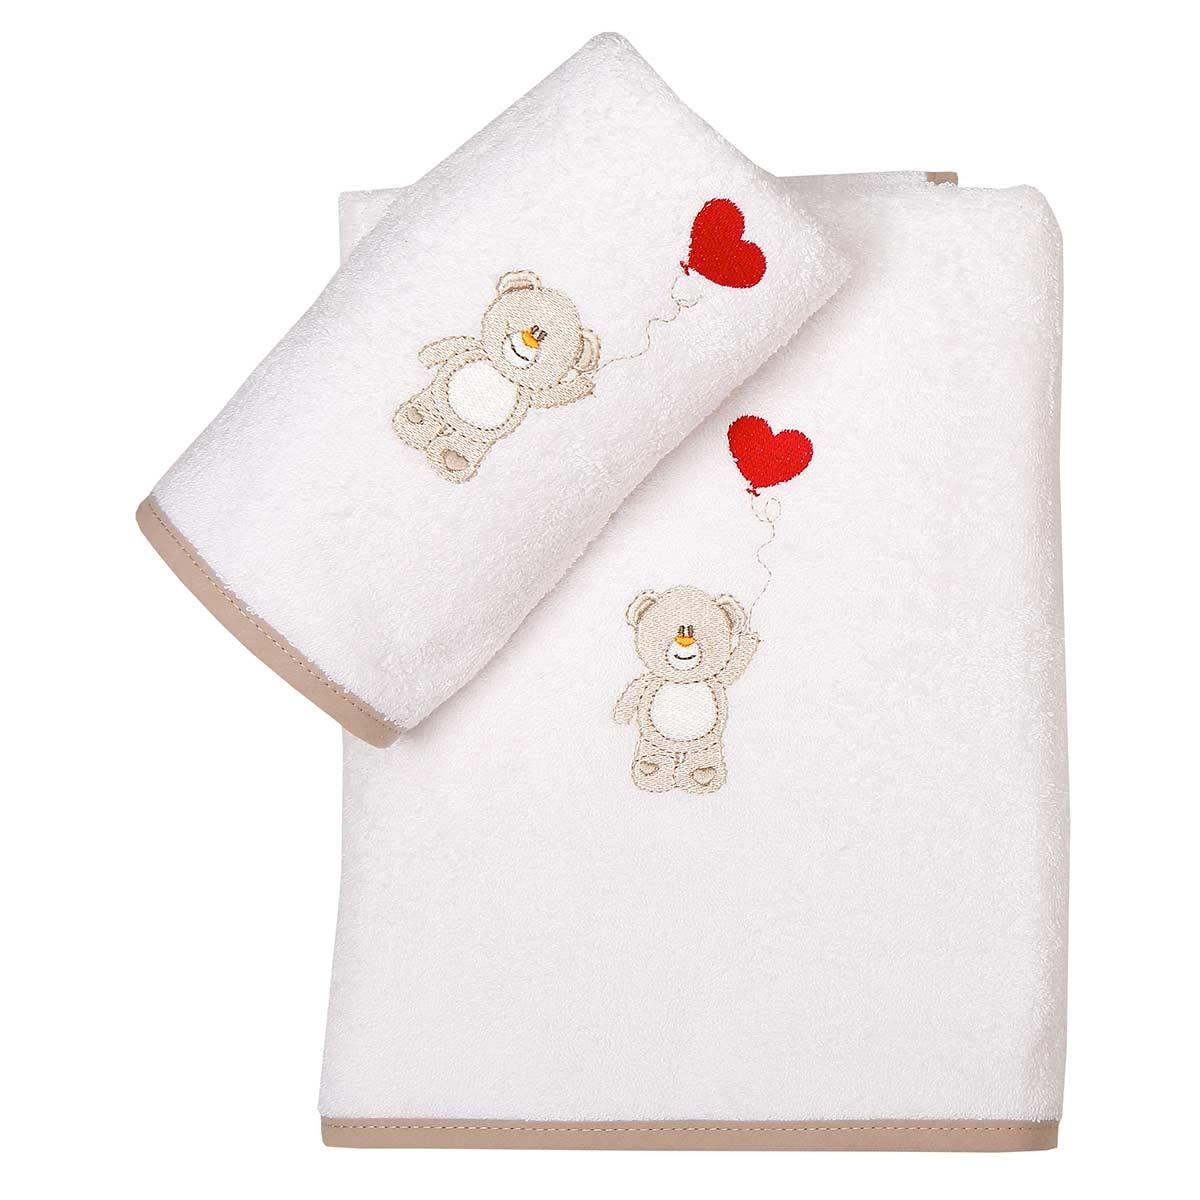 Βρεφικές Πετσέτες (Σετ 2τμχ) Viopros Τιμ